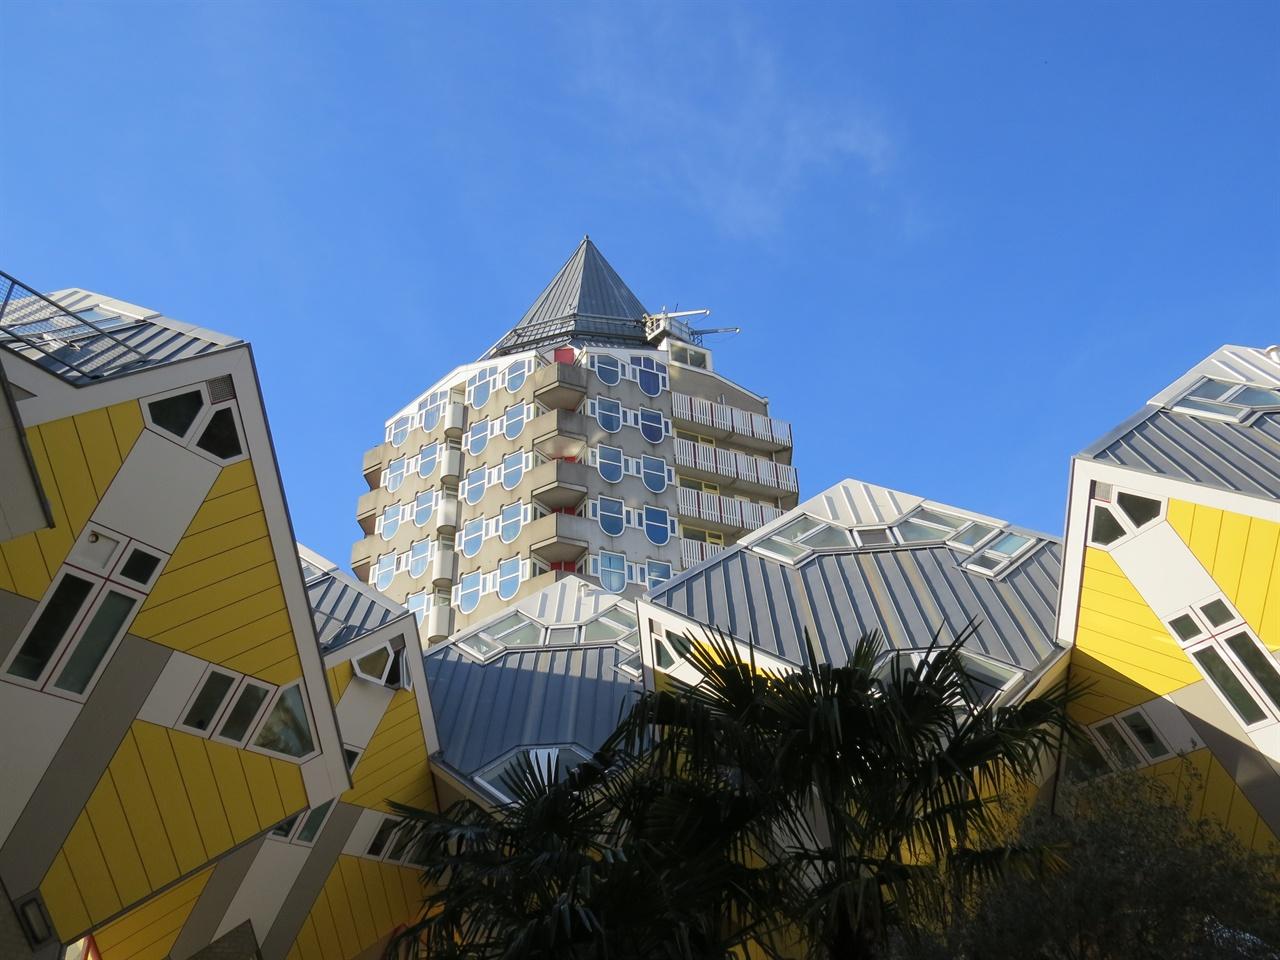 큐브하우스와 연필 모양 건물